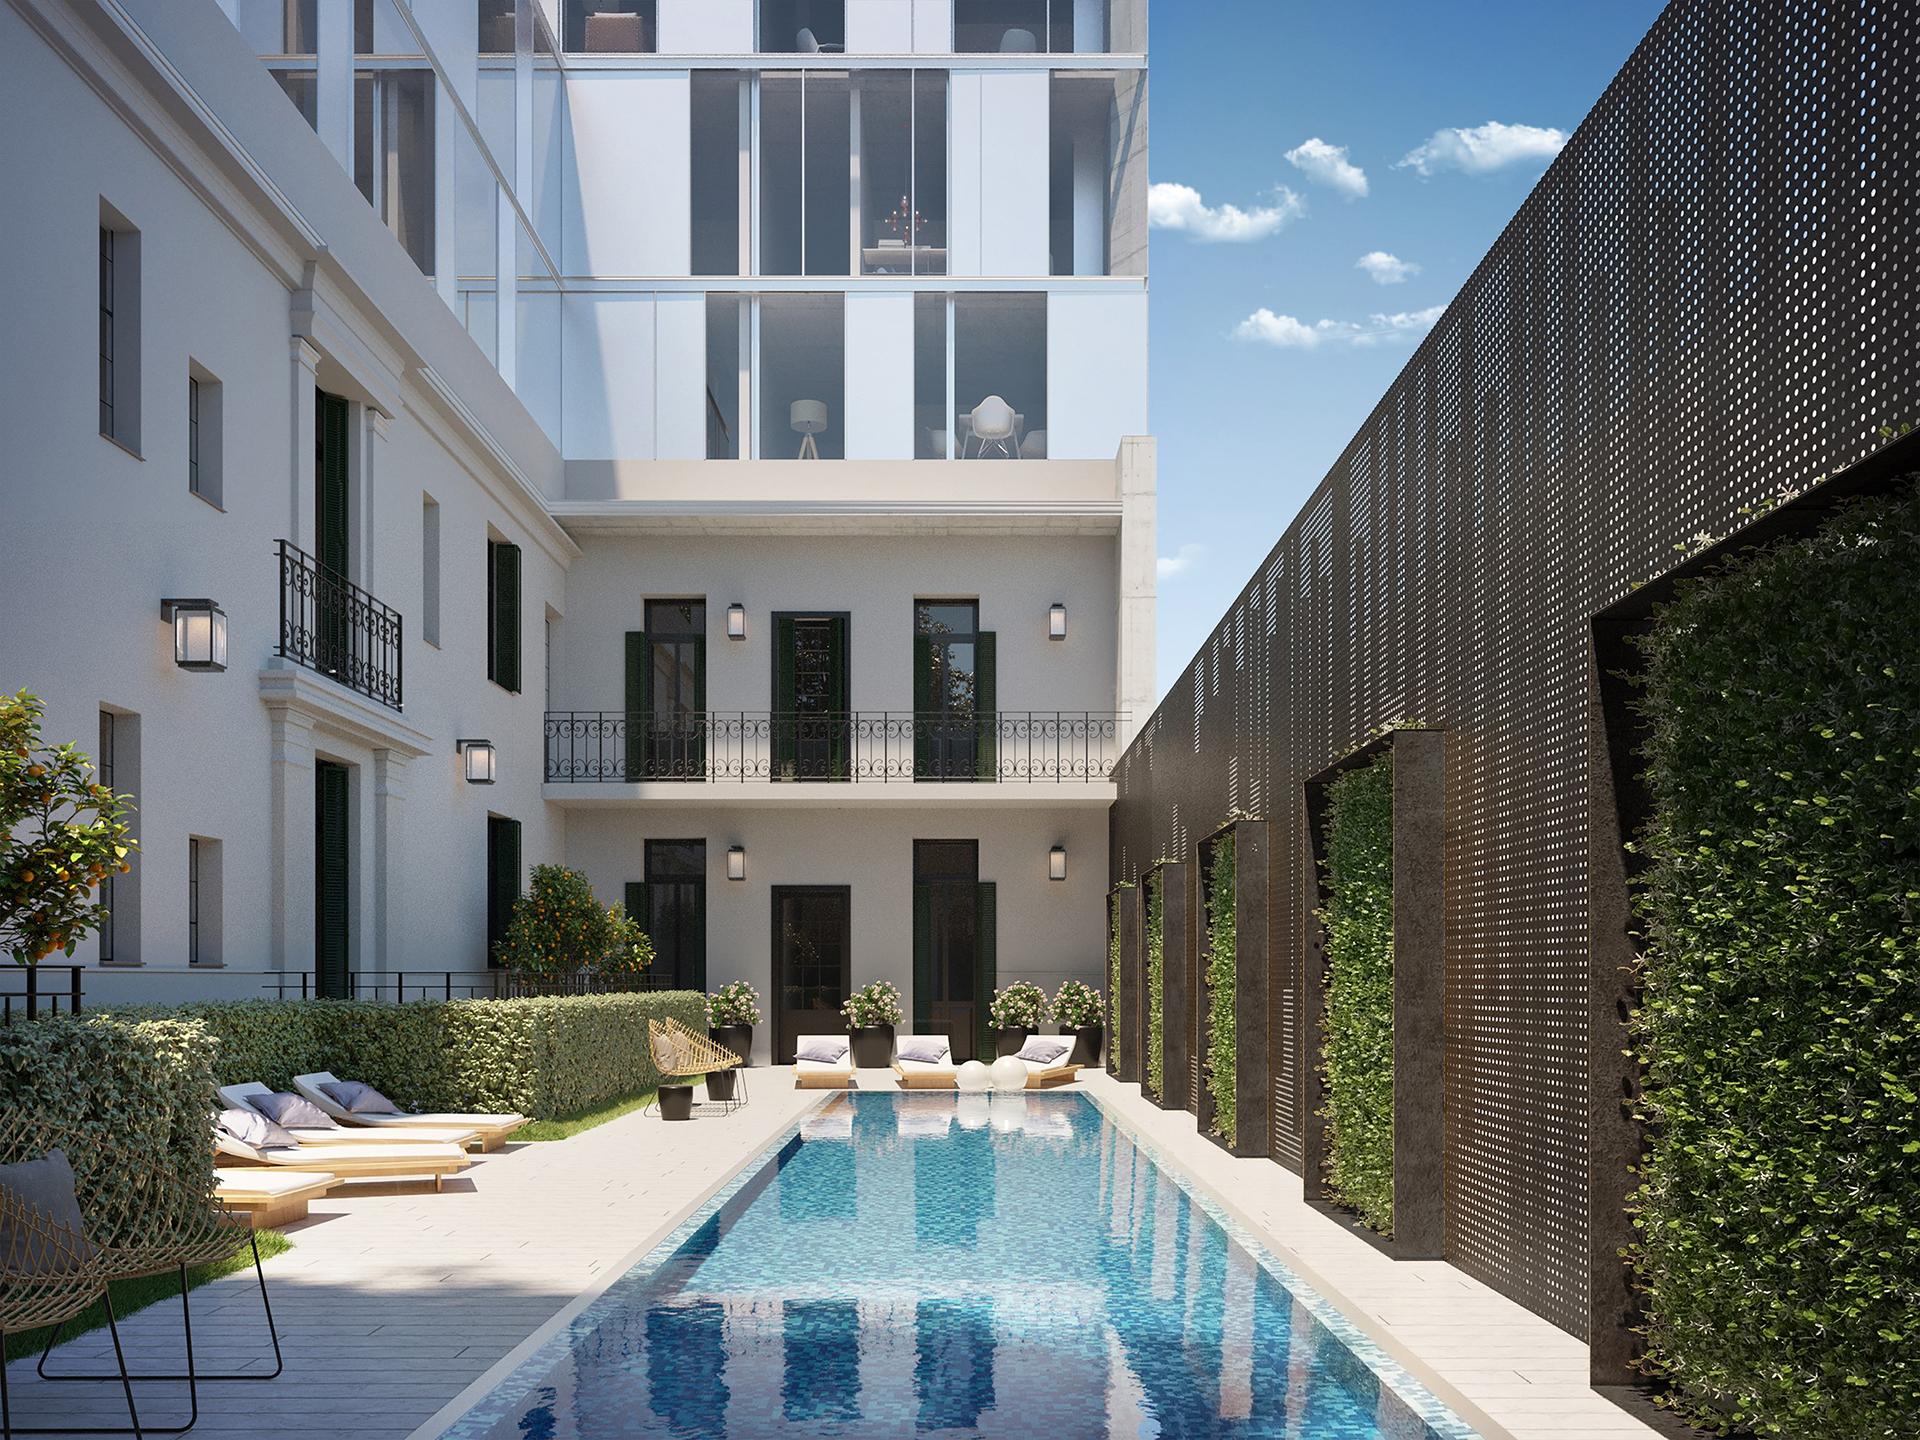 El Palacio Cabrera es un proyecto de viviendas y oficinas que conjuga el inmueble preexistente, que se mantendrá íntegramente original.